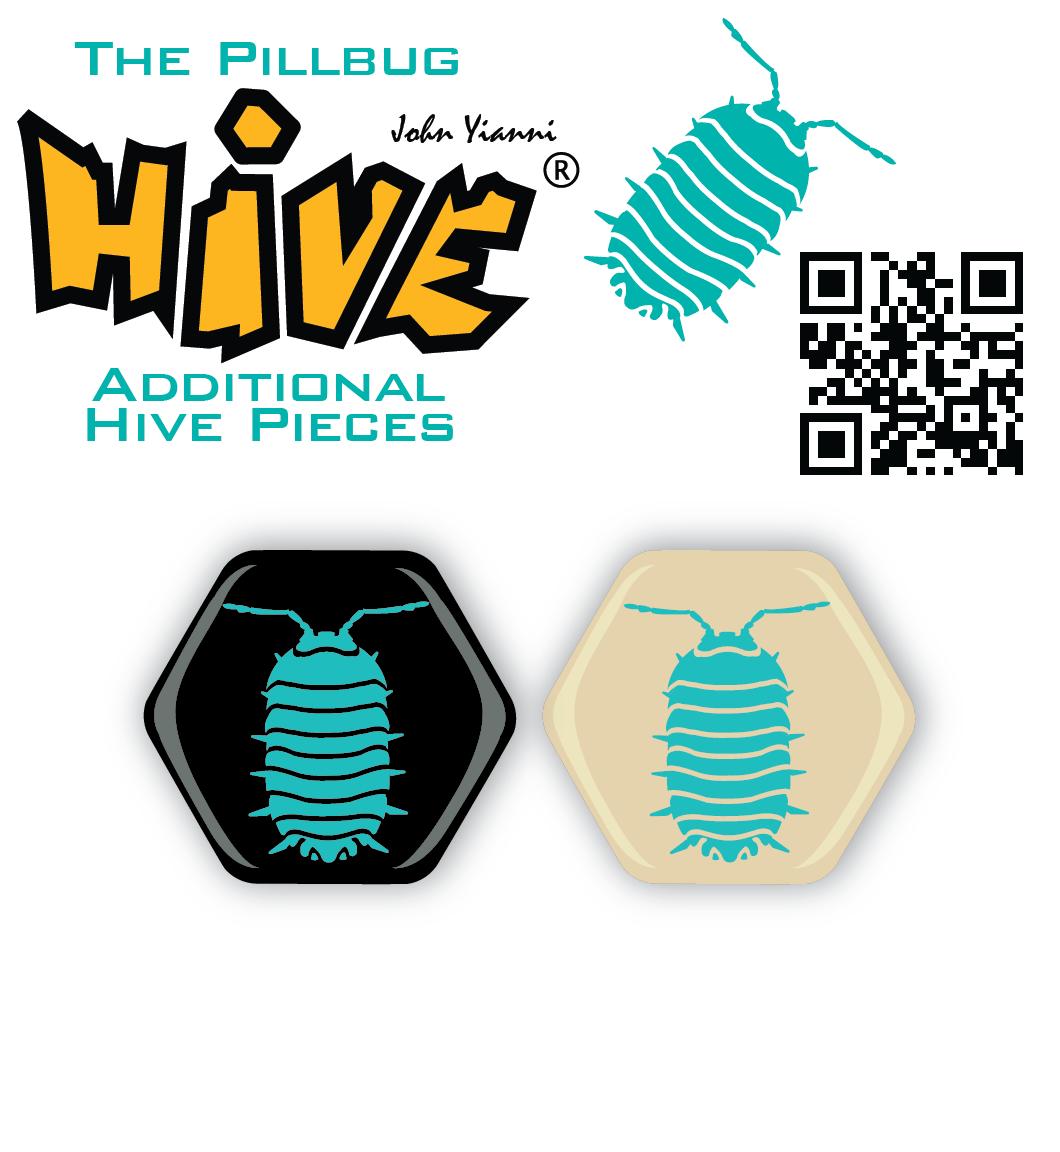 Hive - The Pillbug - Onisco